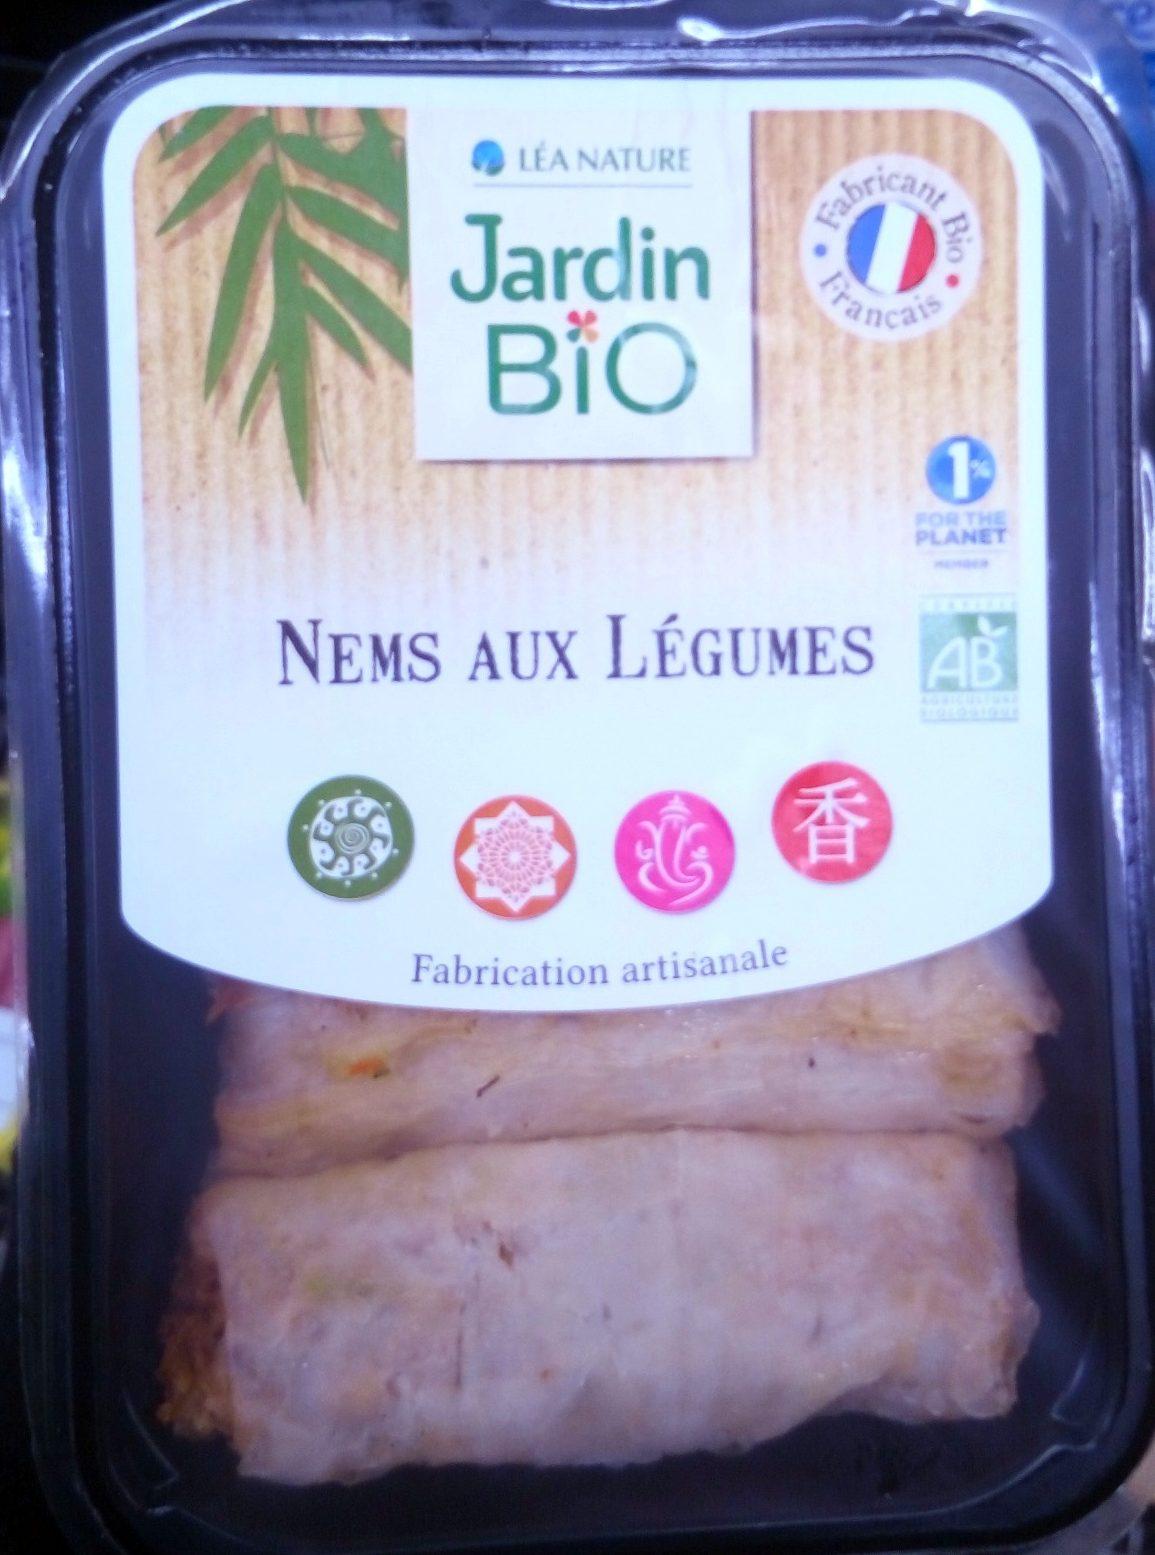 Nems aux légumes - Product